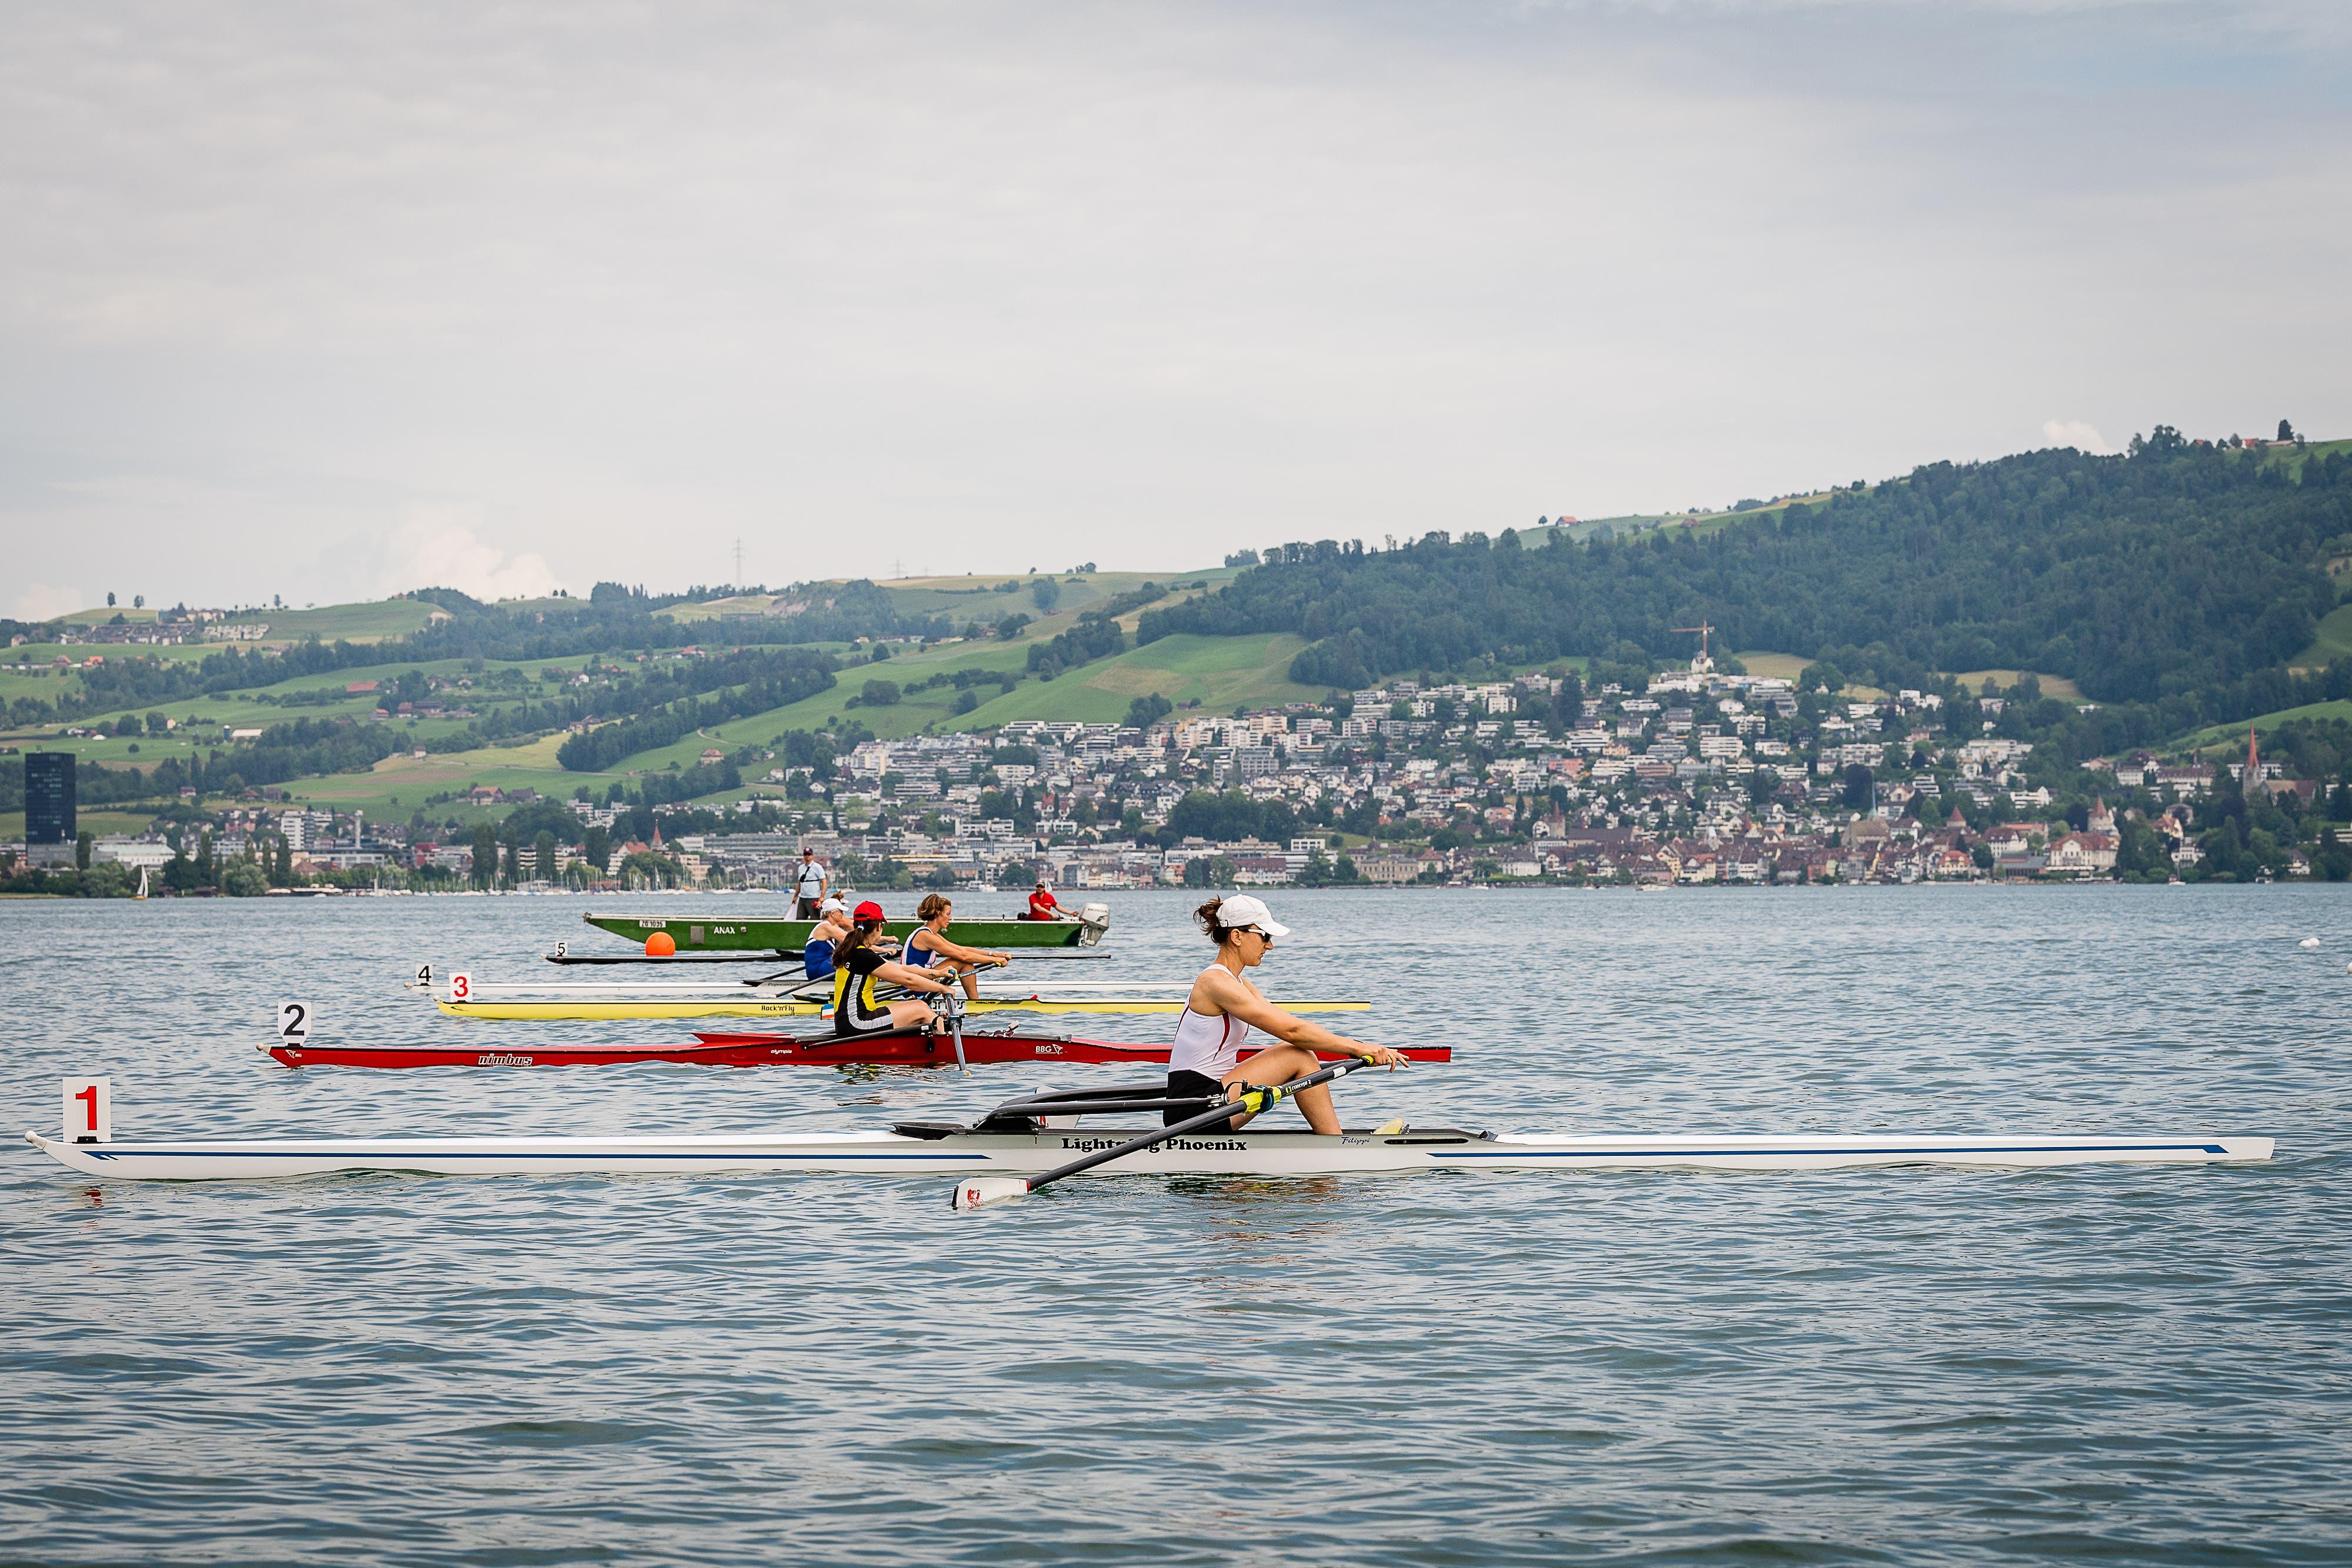 Laura Wunderlin vom Ruderclub Cham am Start. (Bild: Christian H. Hildebrand, 26. Mai 2018)